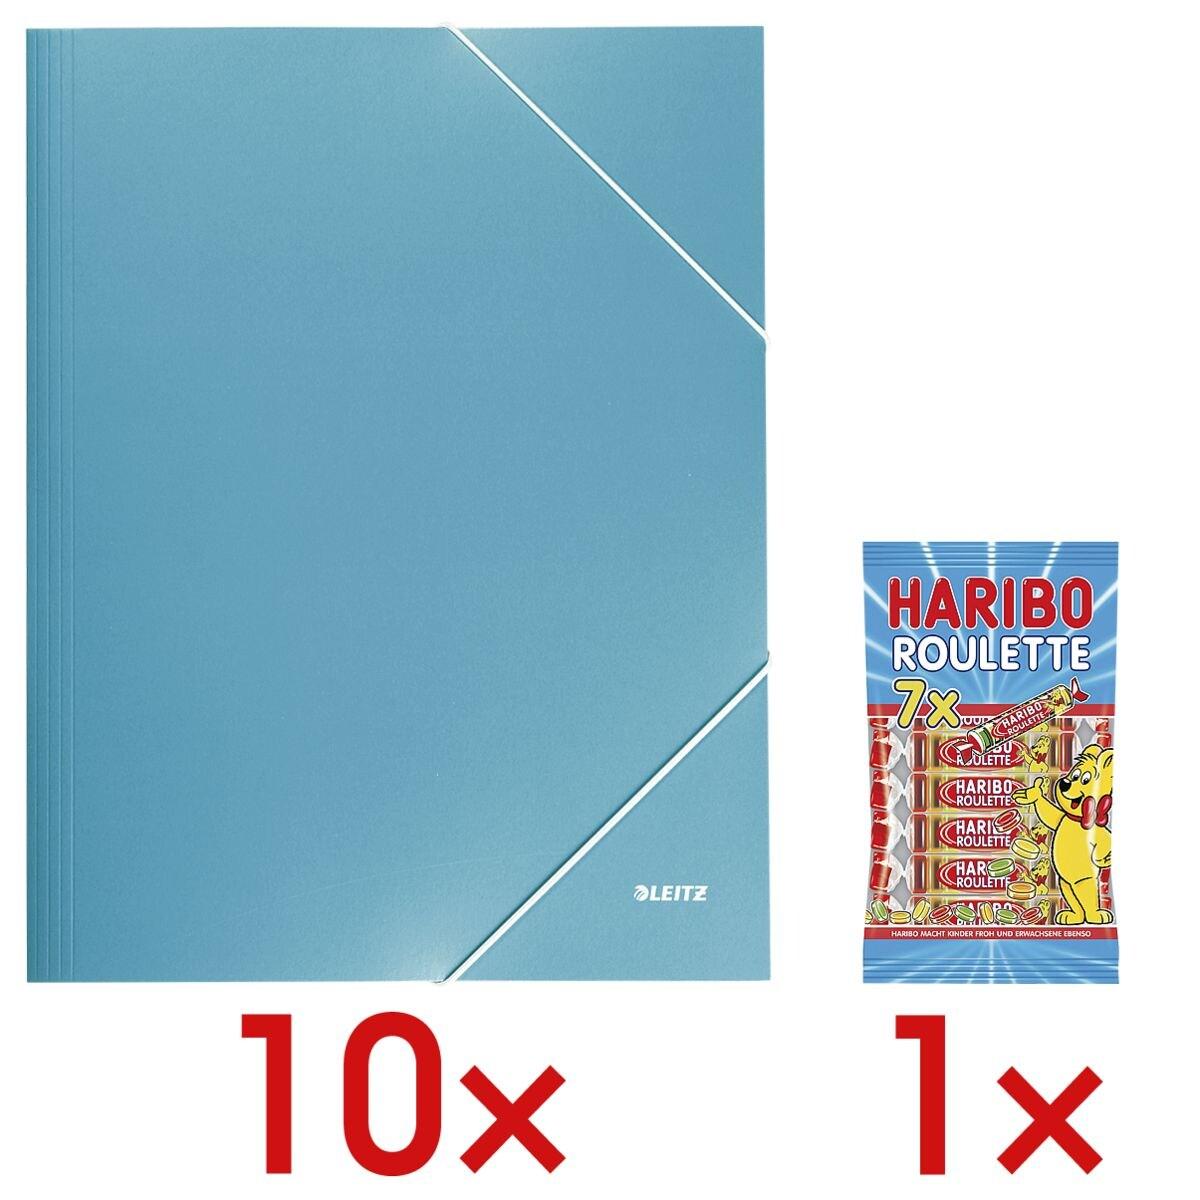 LEITZ 10x map met hoekelastieken A4 »Wow 3982« incl. 1x vruchtengums »Roulette«